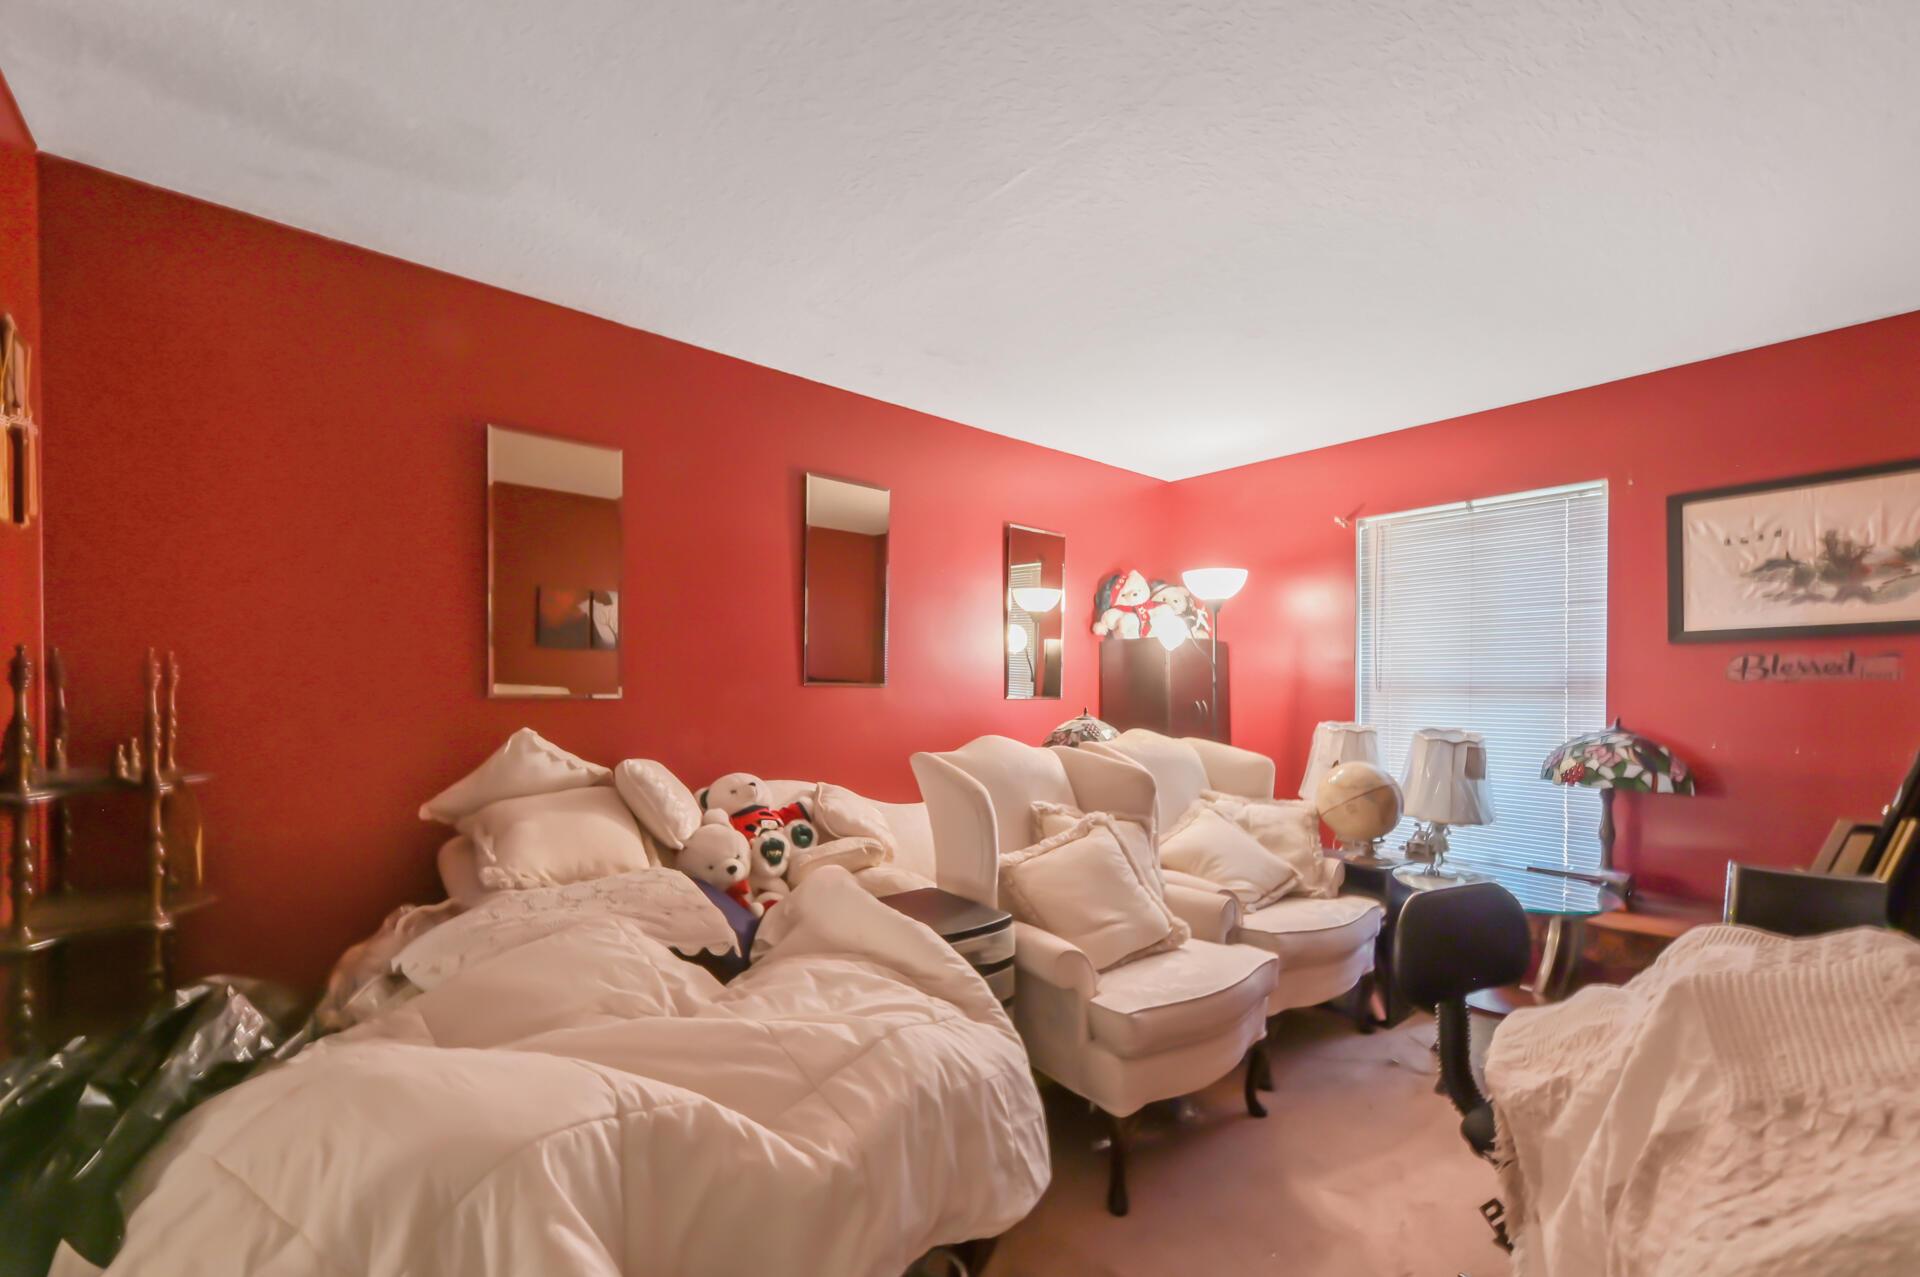 1020-06 Room_001